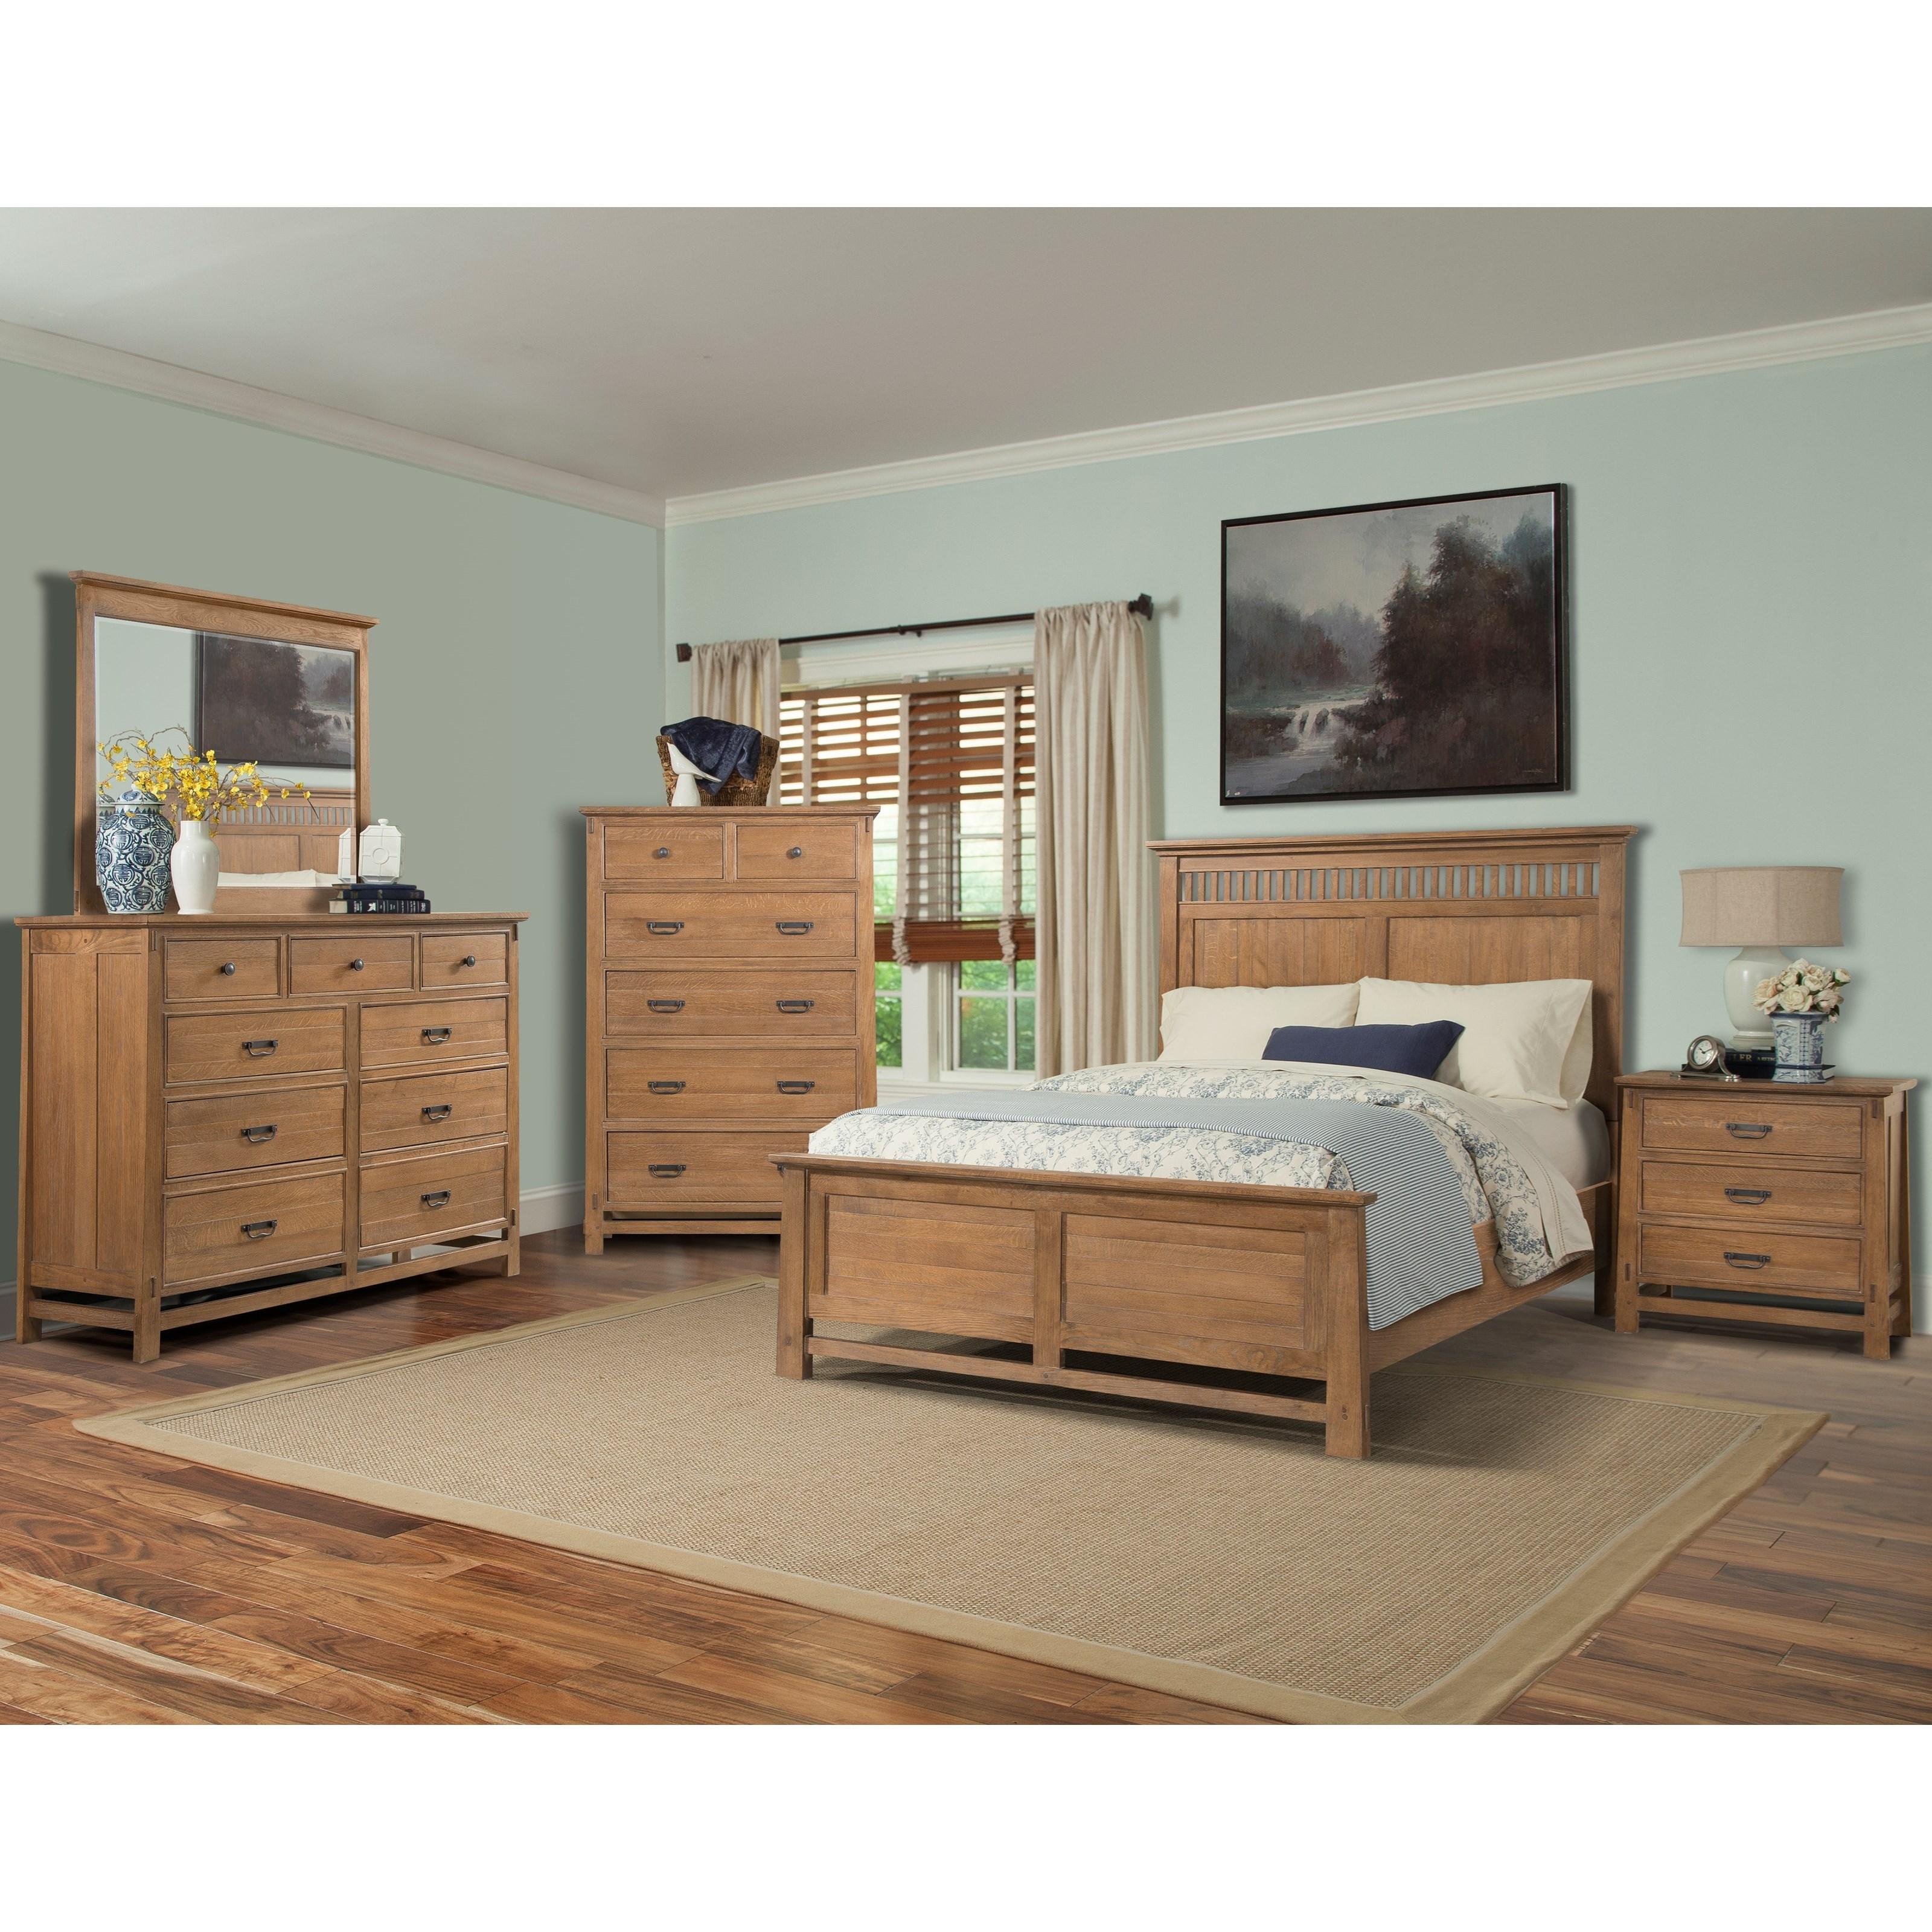 Cresent Fine Furniture Camden Queen Bedroom Group - Item Number: 202 Q Bedroom Group 1